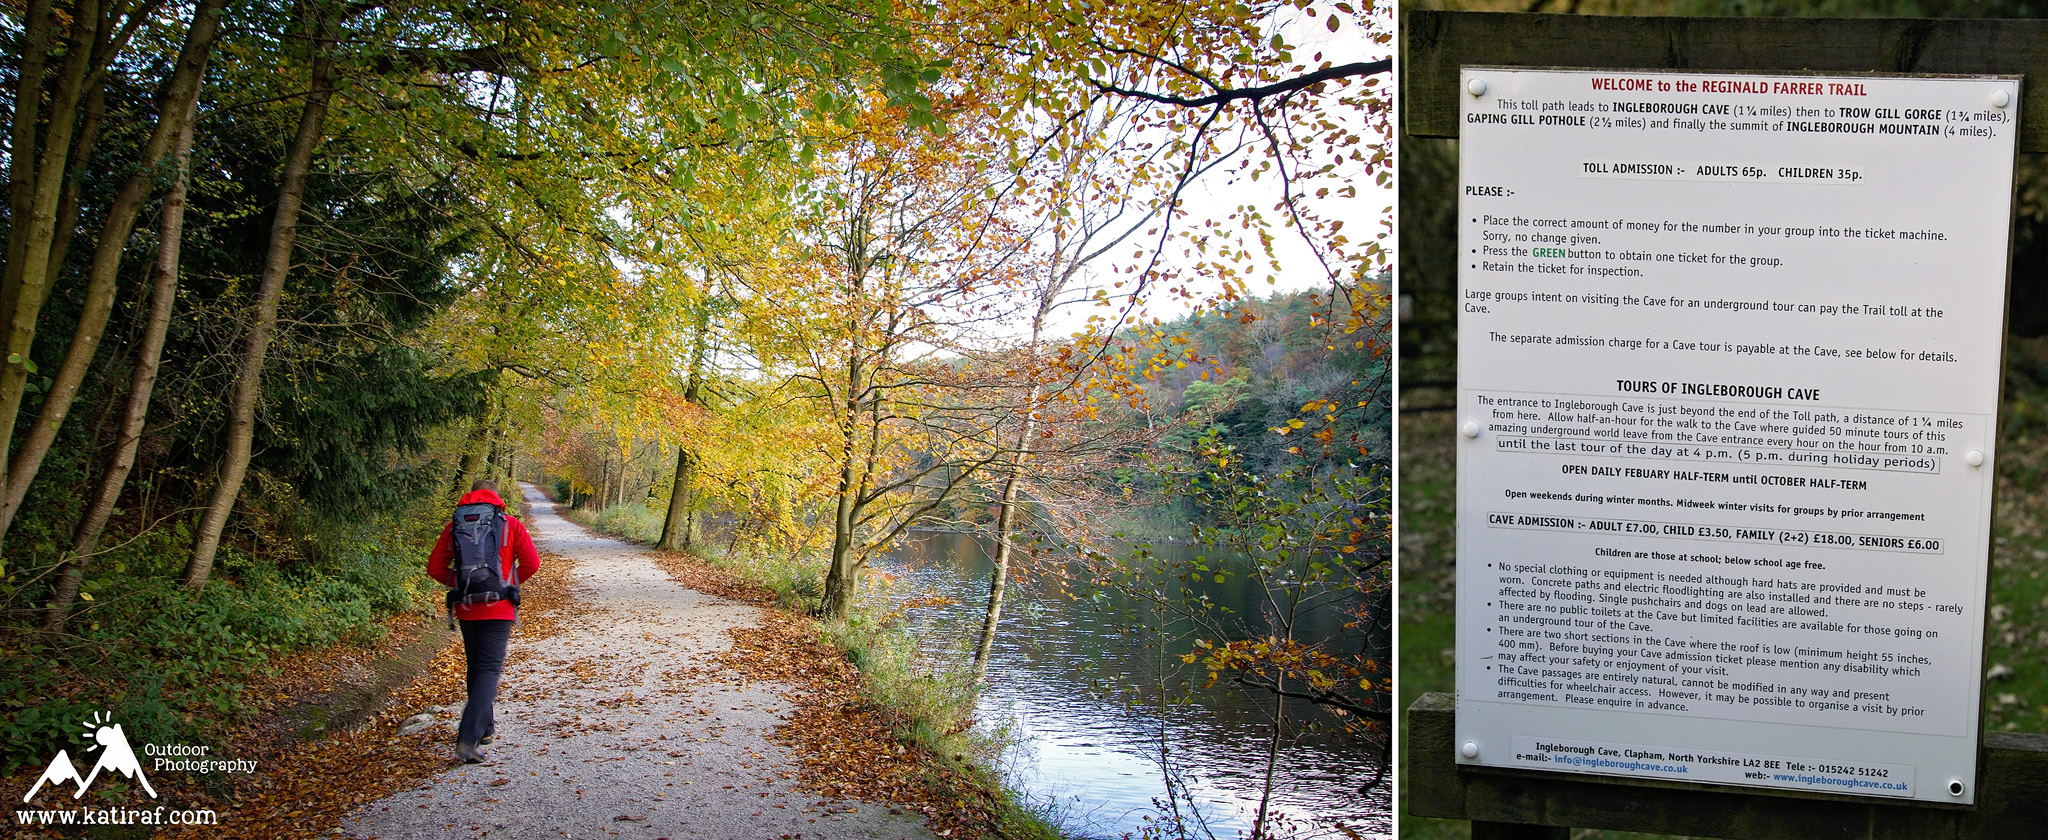 Wieś Clapham, droga do jaskinii Gaping Gill, www.katiraf.com